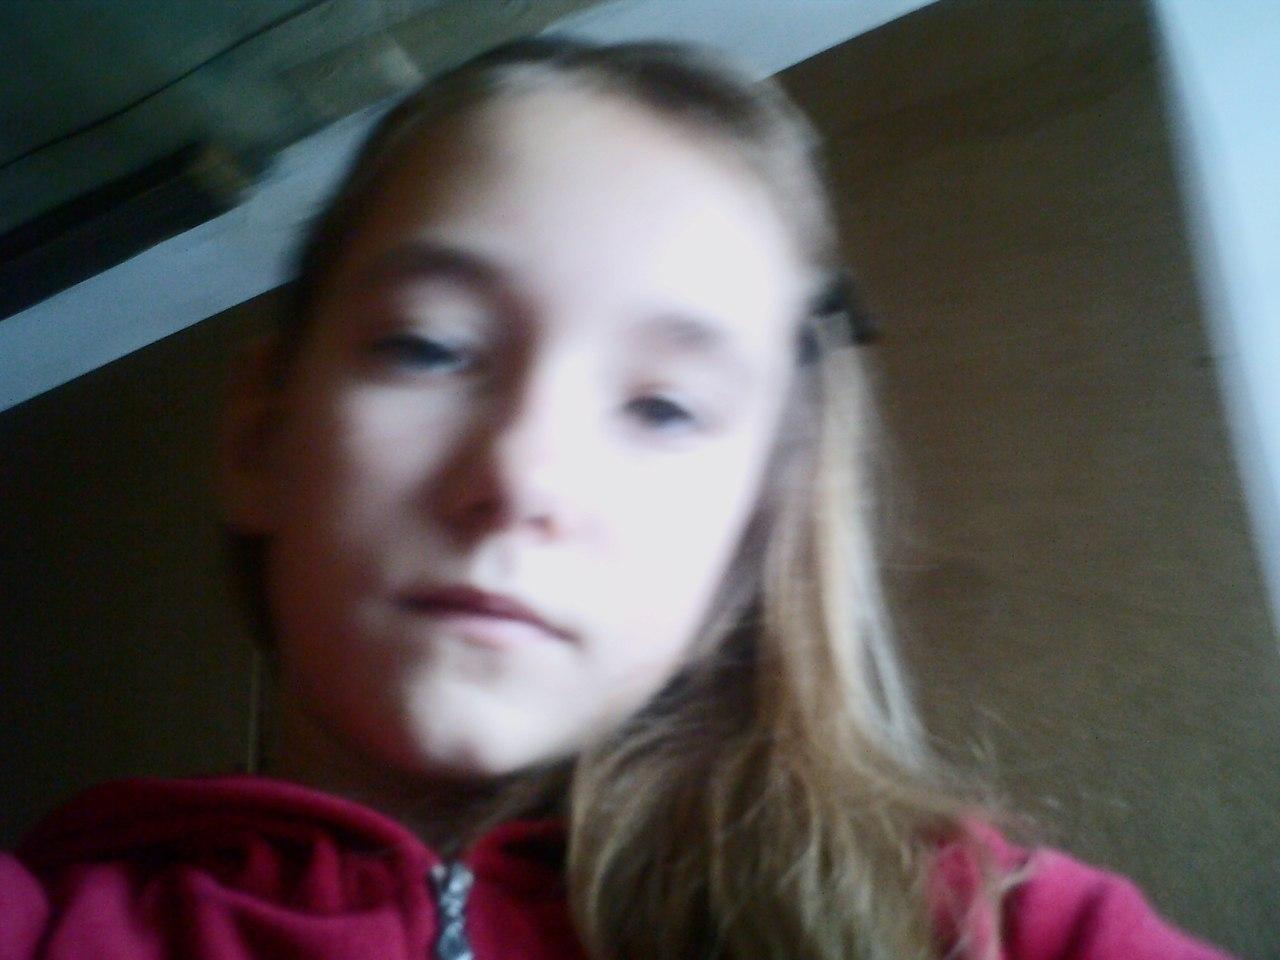 $женюличка$ Смирнова, Уфа - фото №14